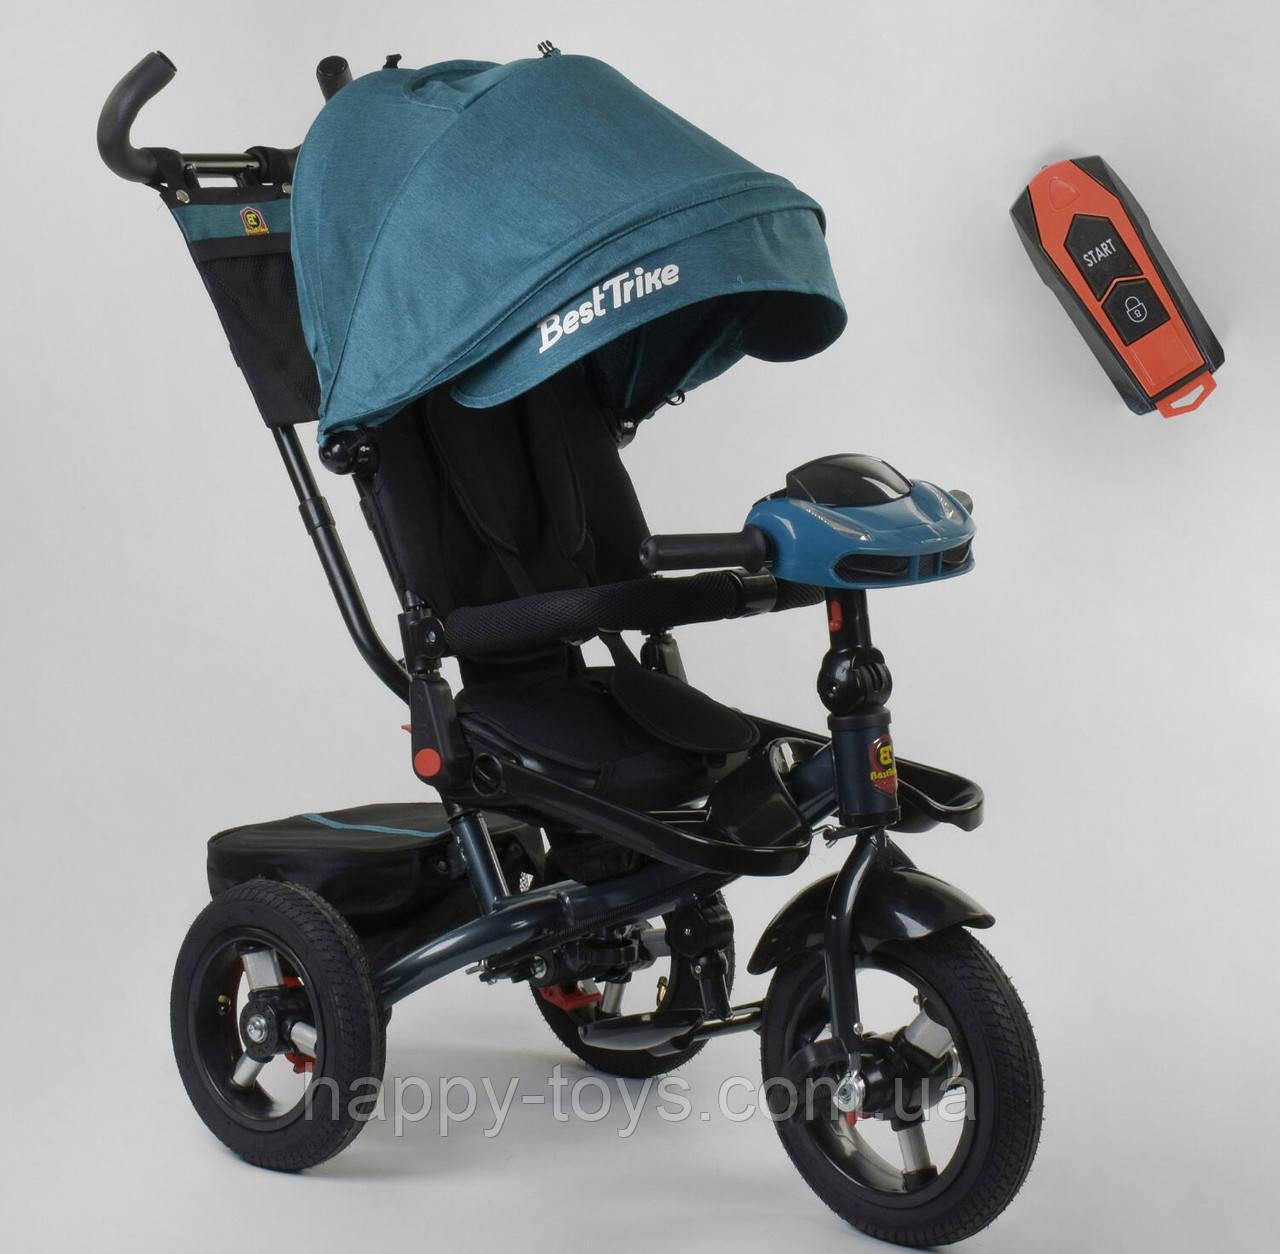 Велосипед 3-х колёсный, БИРЮЗОВЫЙ, Best Trike, фара с USB, пульт, надувные колеса, звук русский 6088 F-02-940